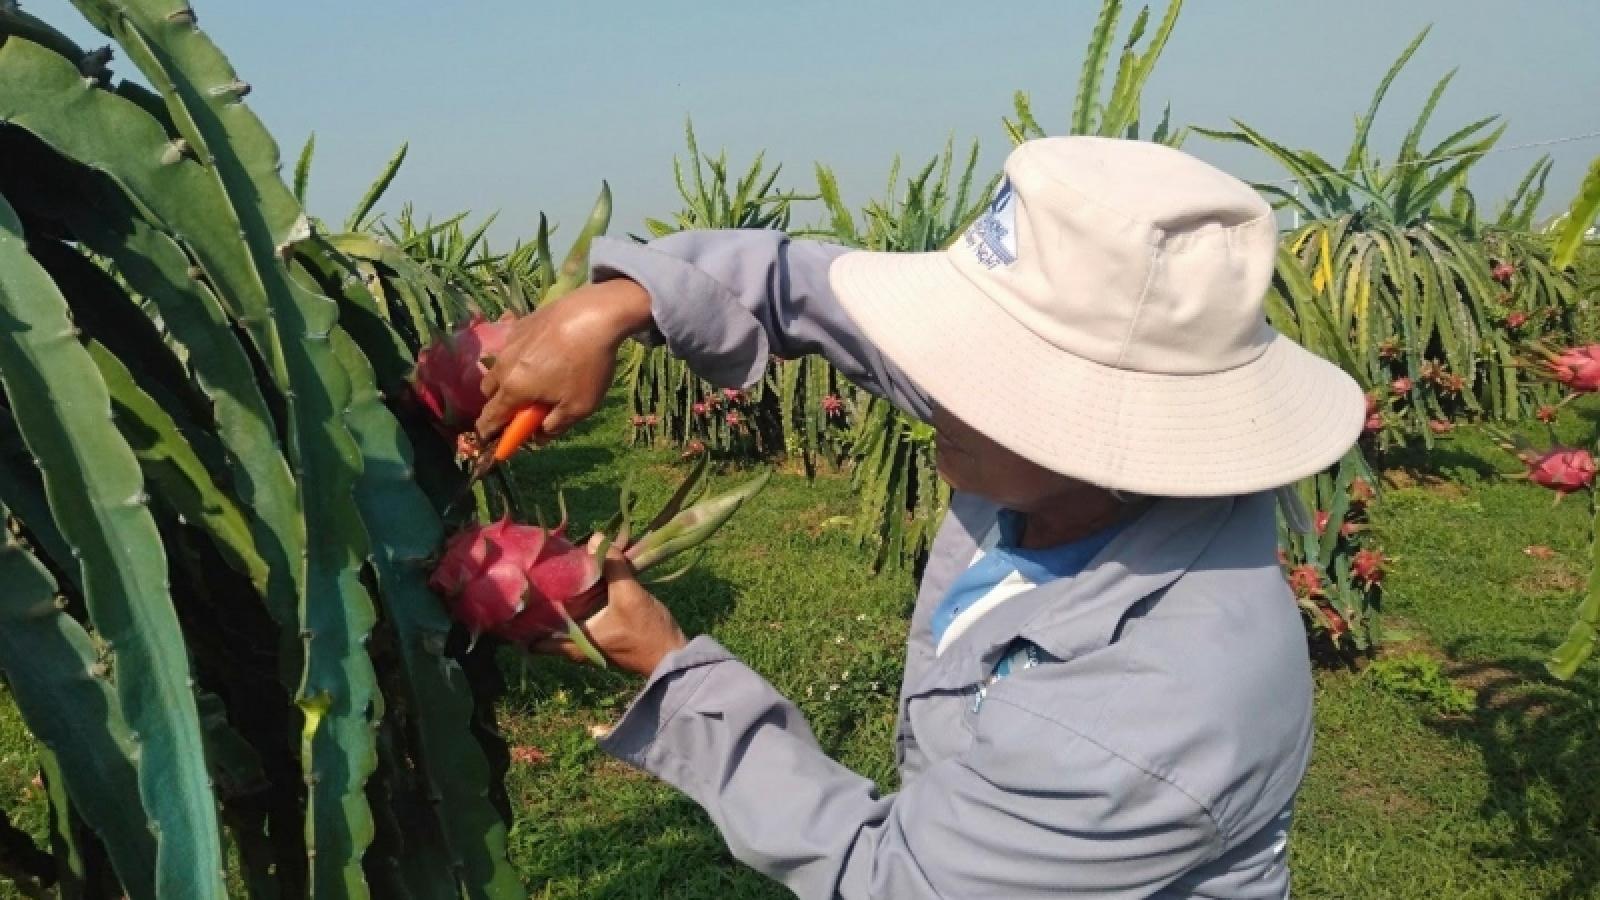 Nhiều cơ hội mới cho xuất khẩu, tiêu thụ thanh long Bình Thuận